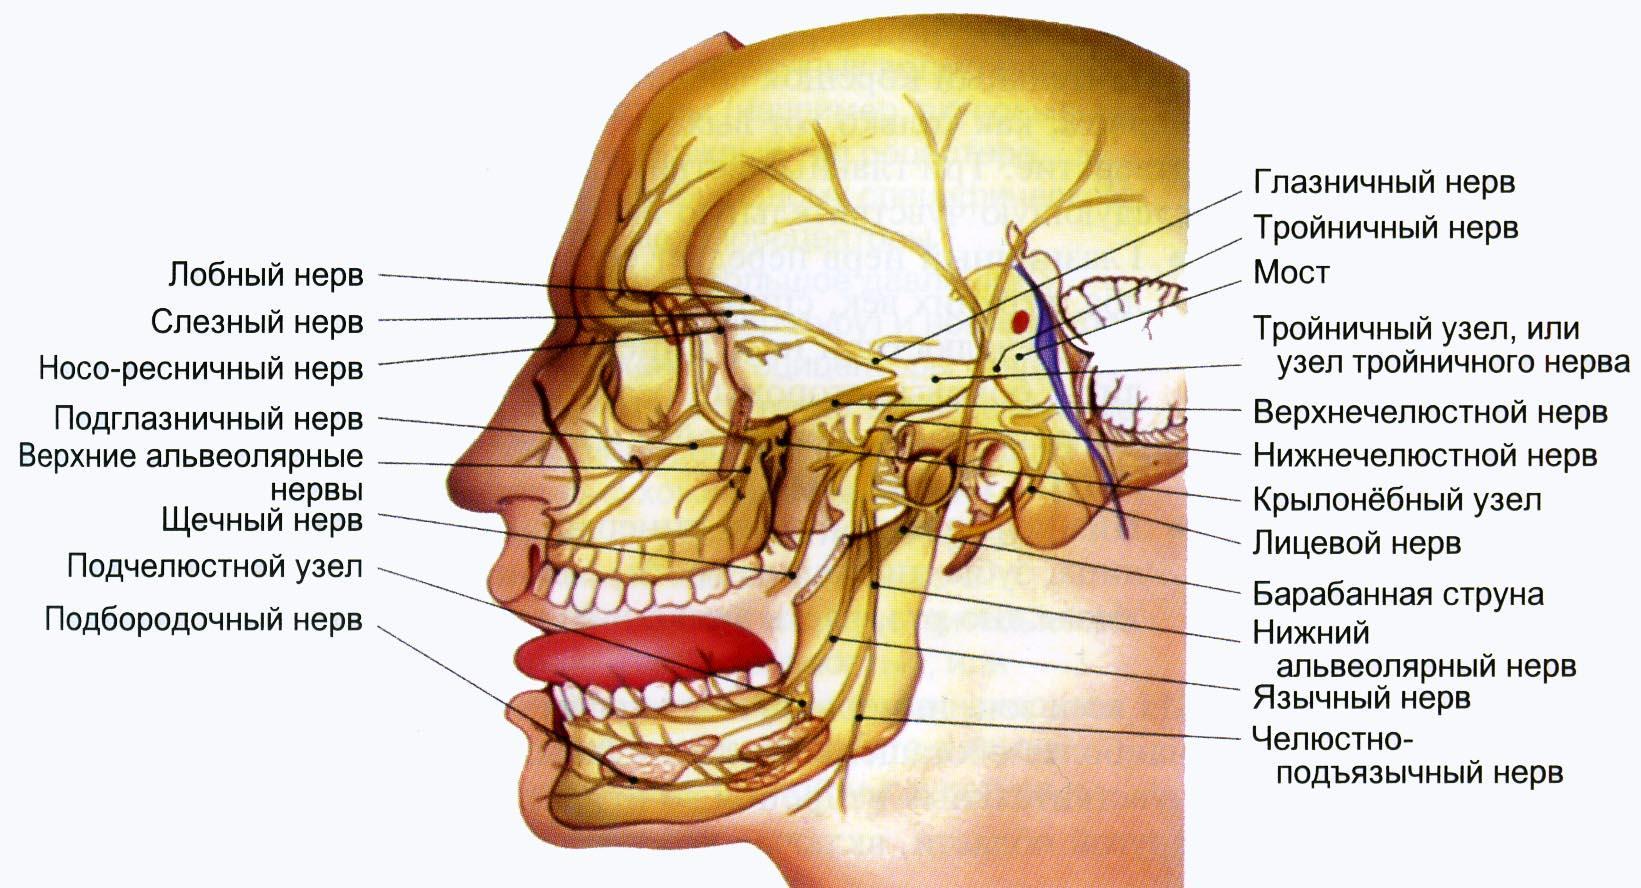 Затылочный нерв, воспаление: симптомы и лечение 78